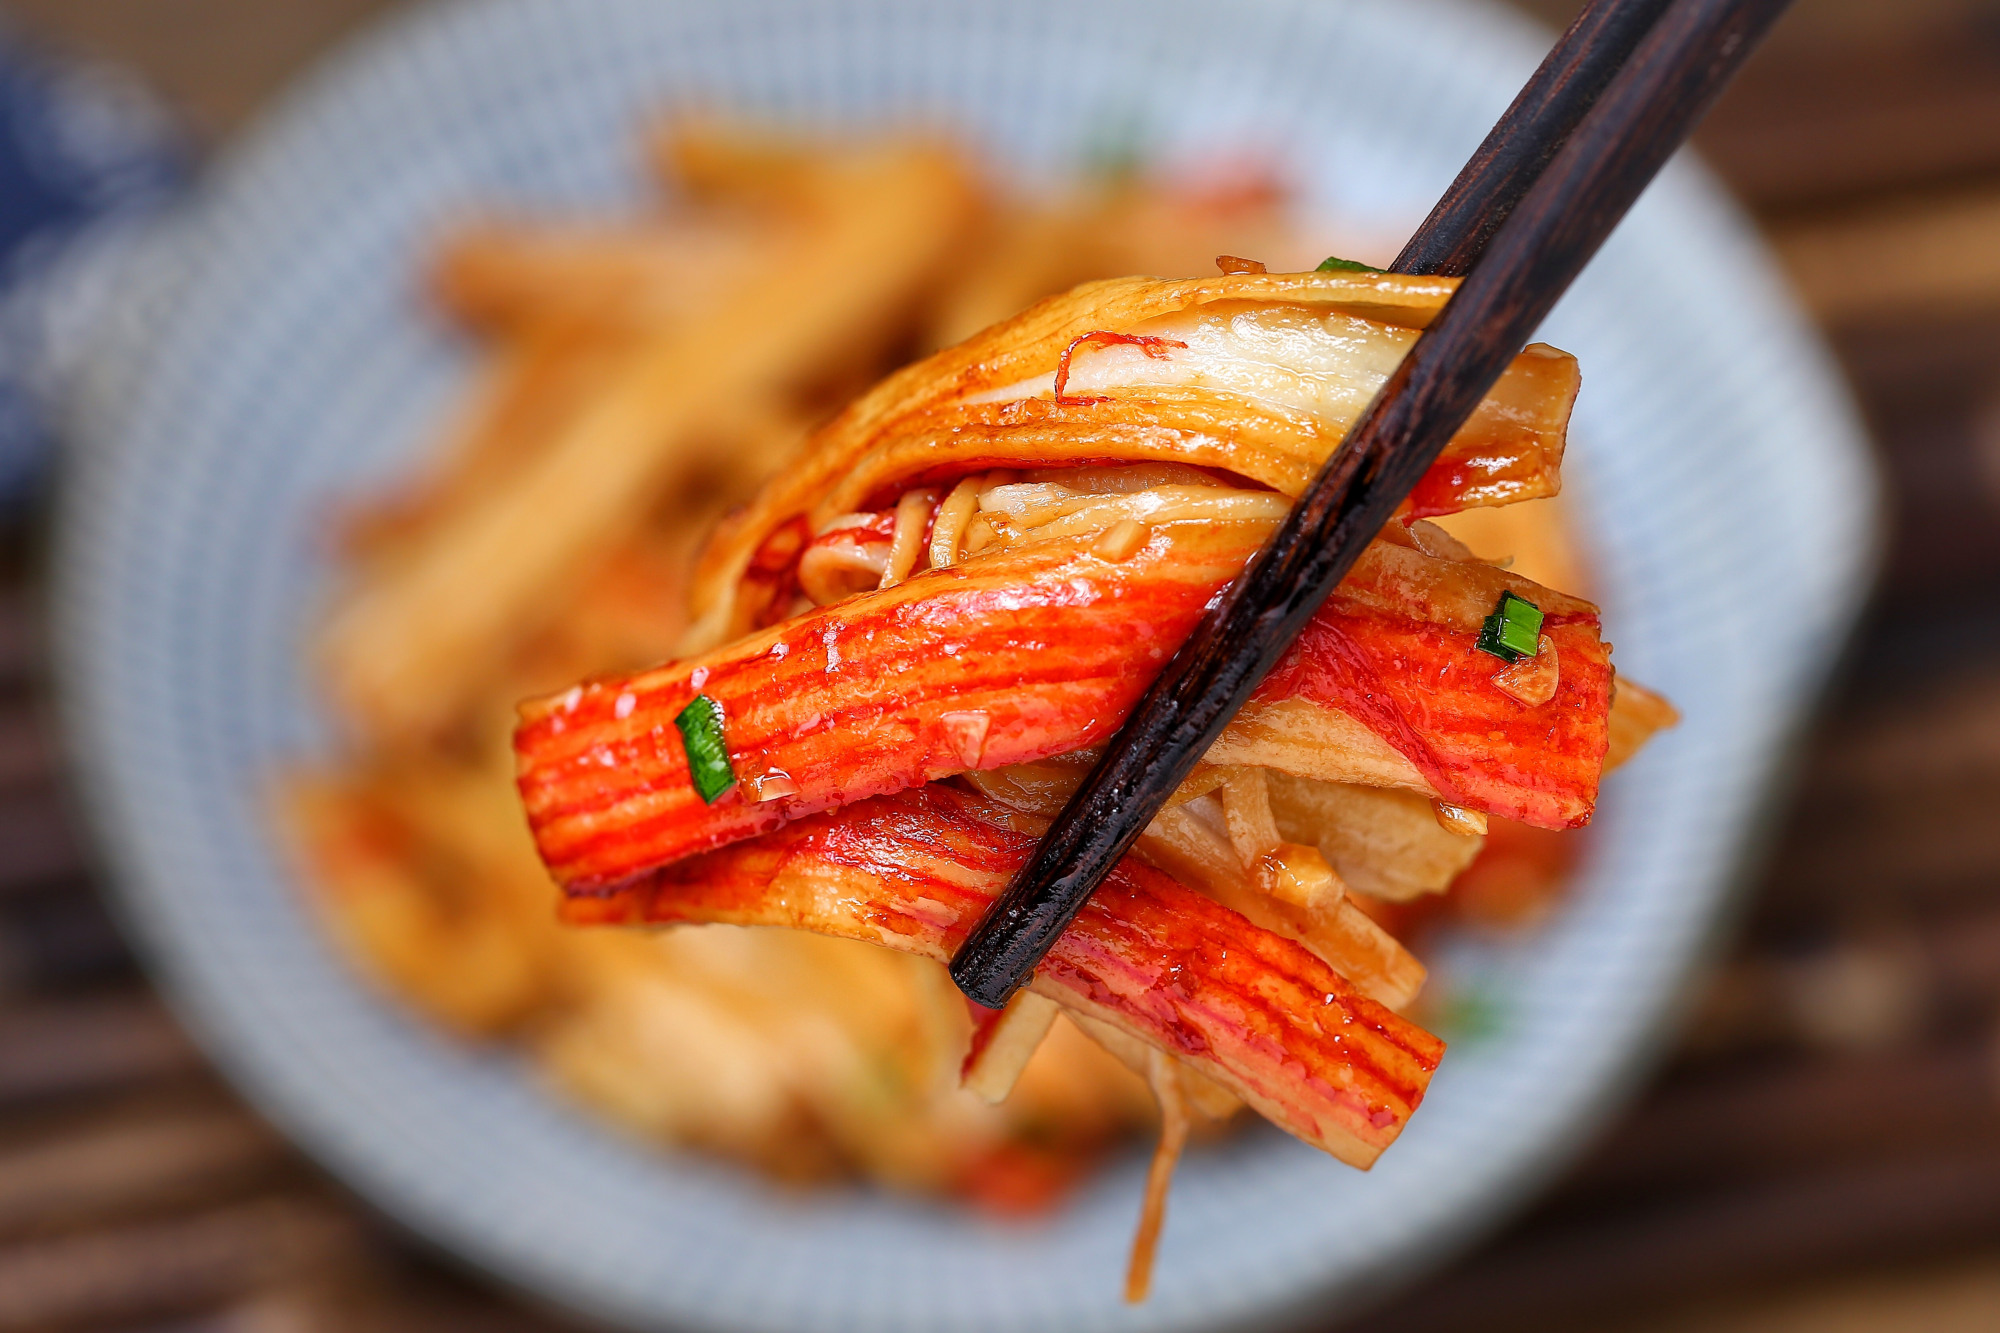 简单快手下饭菜,五分钟出锅毫无难度,口感鲜美嫩滑就是太费米饭 美食做法 第3张